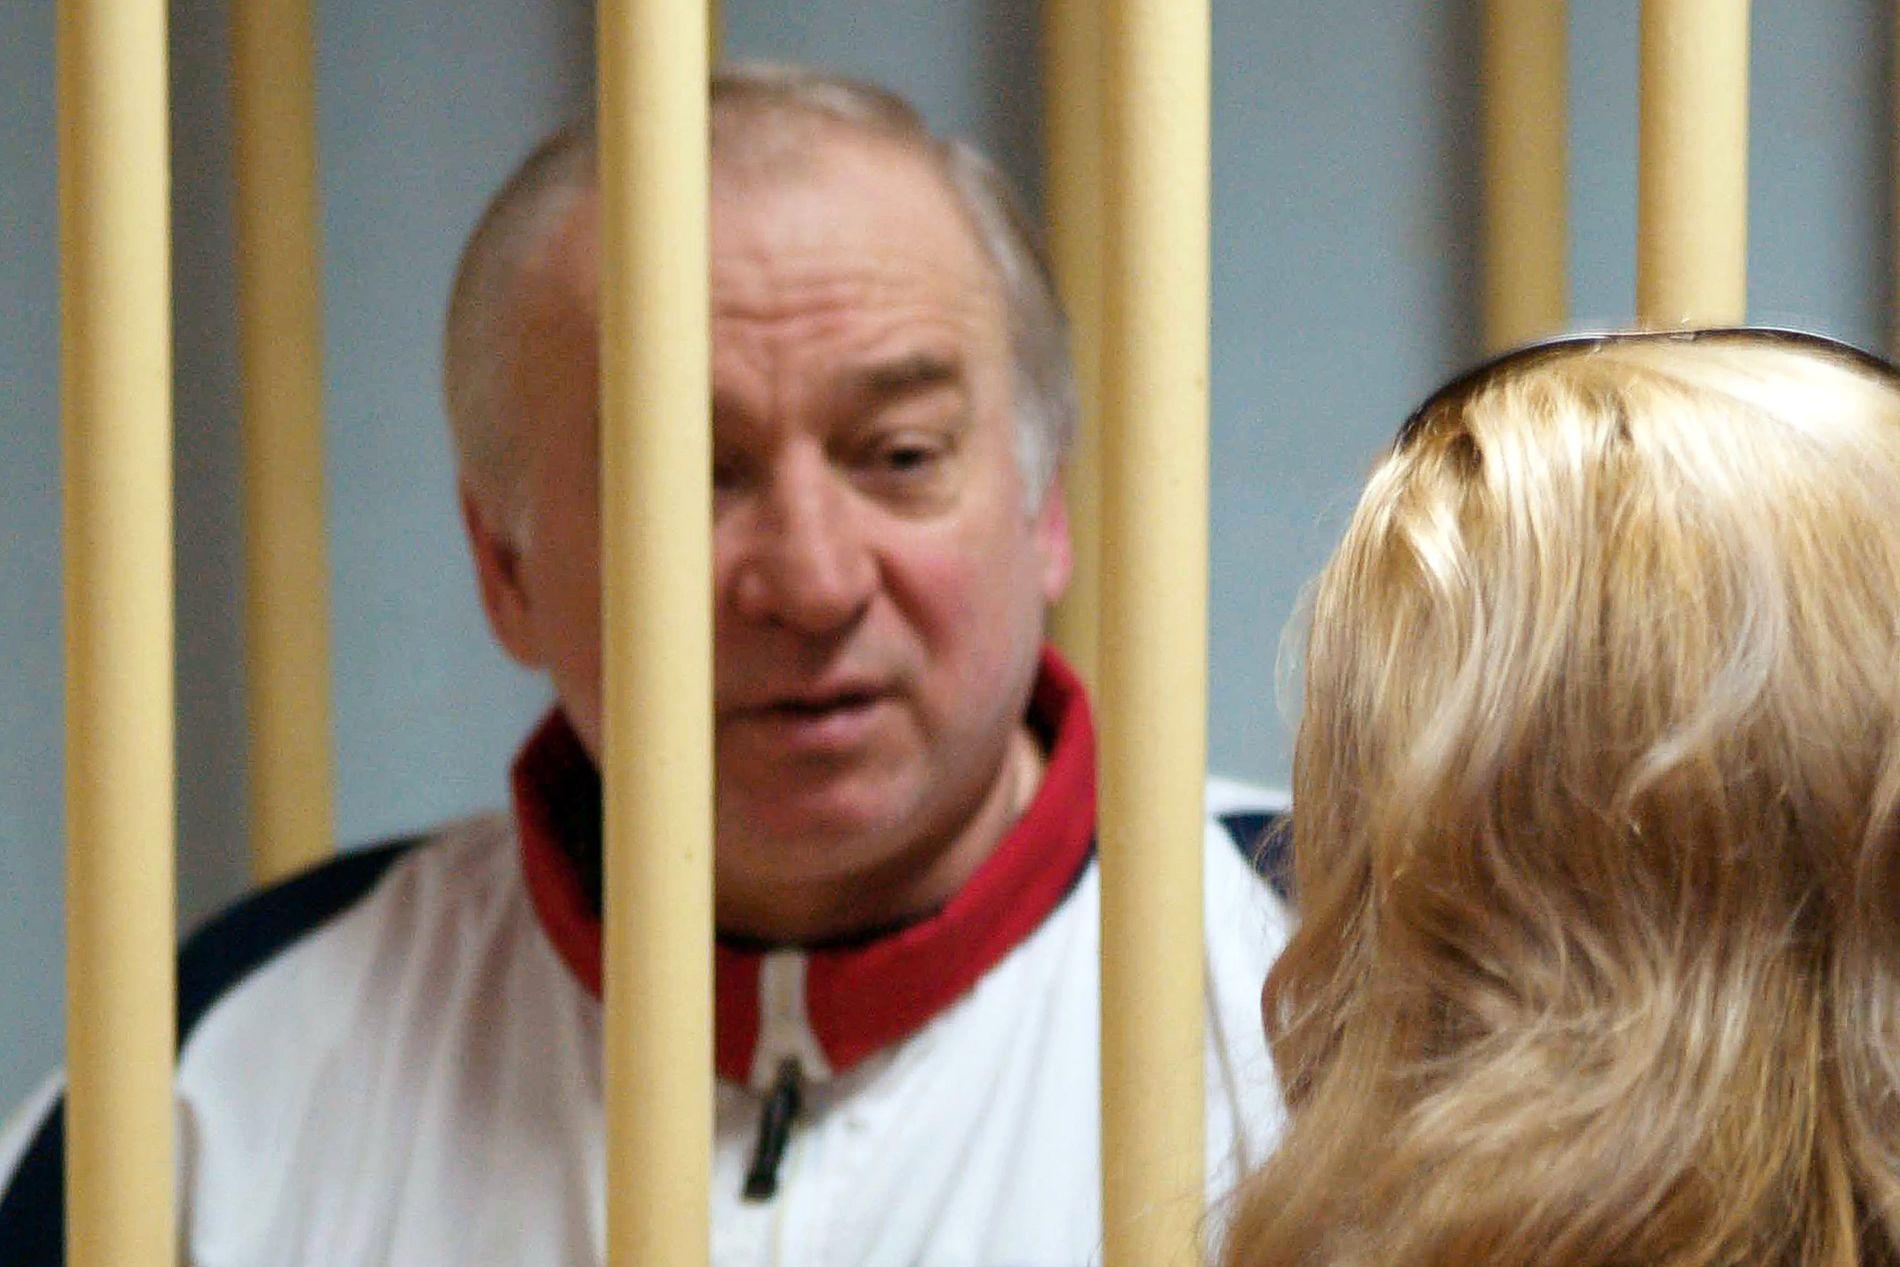 FORSØKT DREPT: Eks-spionen Sergej Skripal overlevde nervegass-angrepet i Salisbury i mars. Bildet er fra 2006.